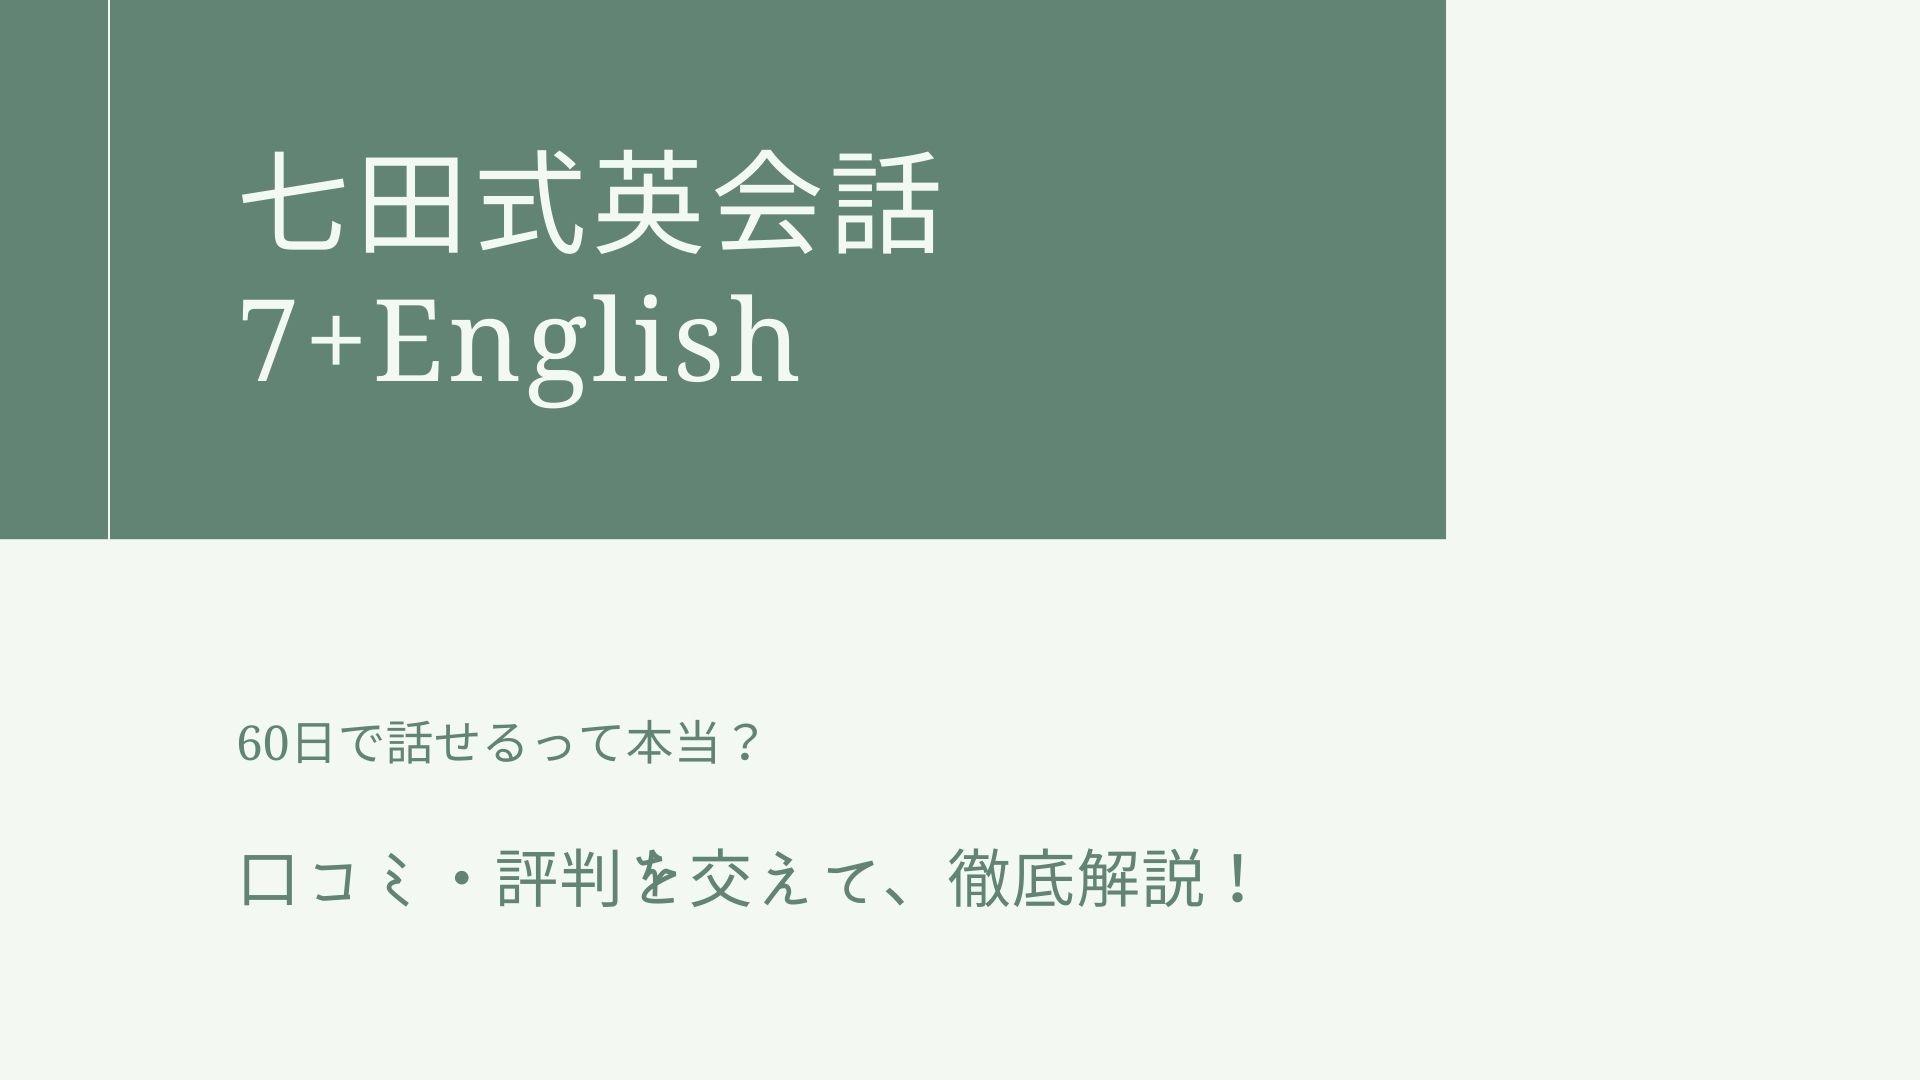 七田式英会話7+English